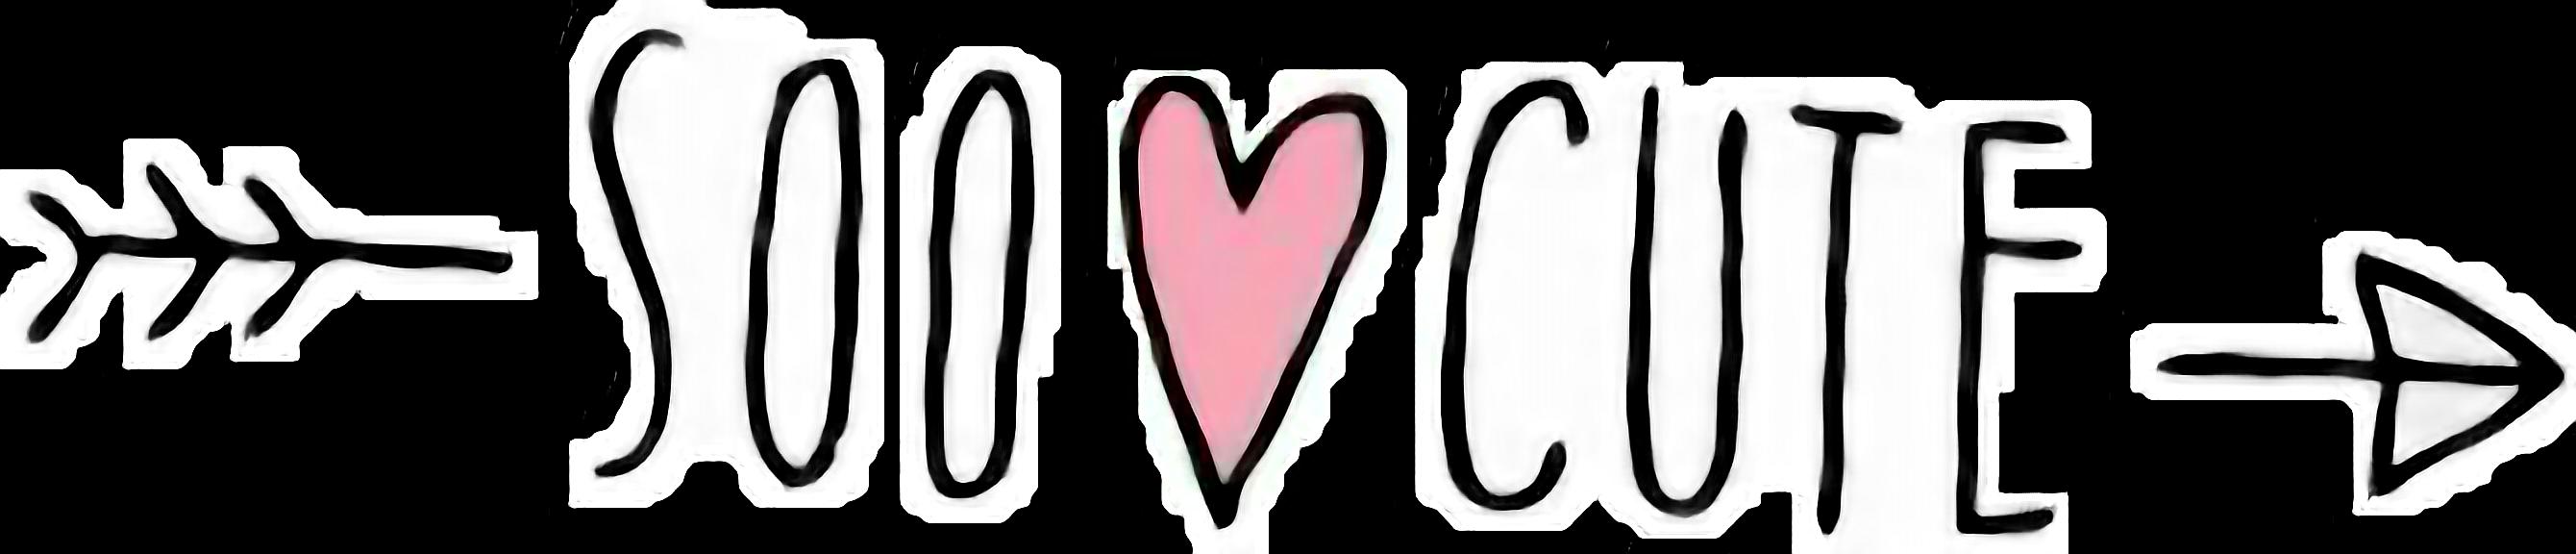 #words #cute #arrow #love